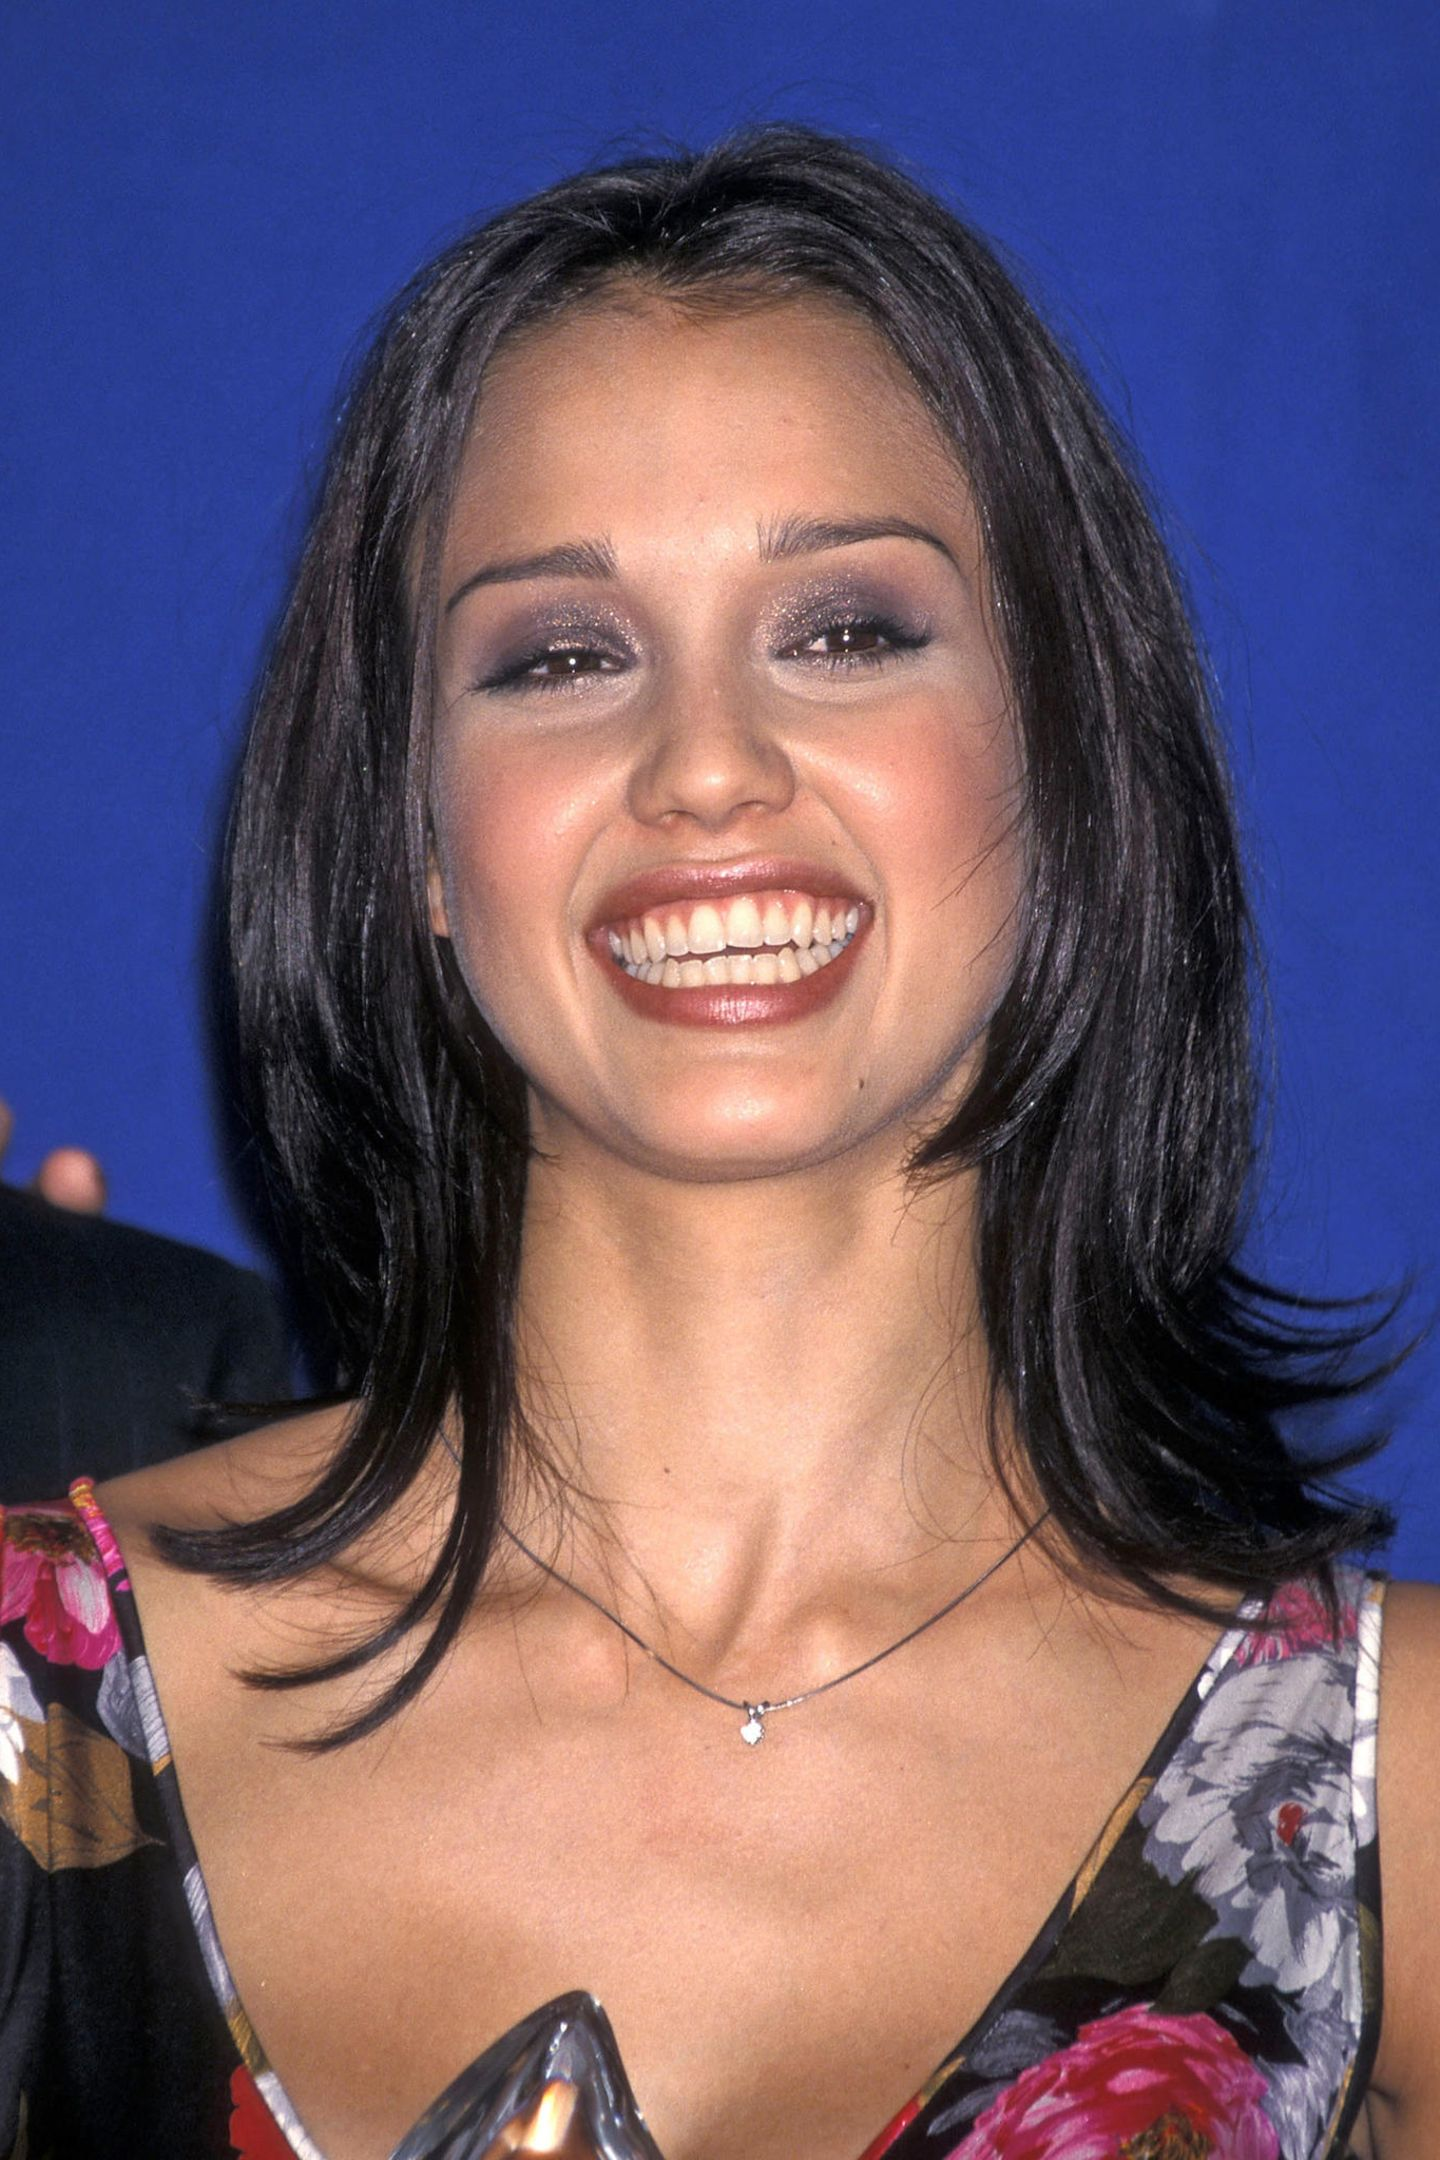 """2001  In der Rolle der Max Guevara in """"Dark Angel"""" begeistert Jessica Alba seit dem Herbst 2000 die Serien-Fans. Ein Jahr später gewinnt sie sogar den """"People Choice Award"""". Glitzer war in den 2000-Jahren superangesagt auch Jessica Alba setzt bei der Preisverleihung auf ein schimmerndes Make-up. Glitzer-Lidschatten in Lila und rosafarbener Lipgloss zaubern einen wahren Gewinnerlook."""